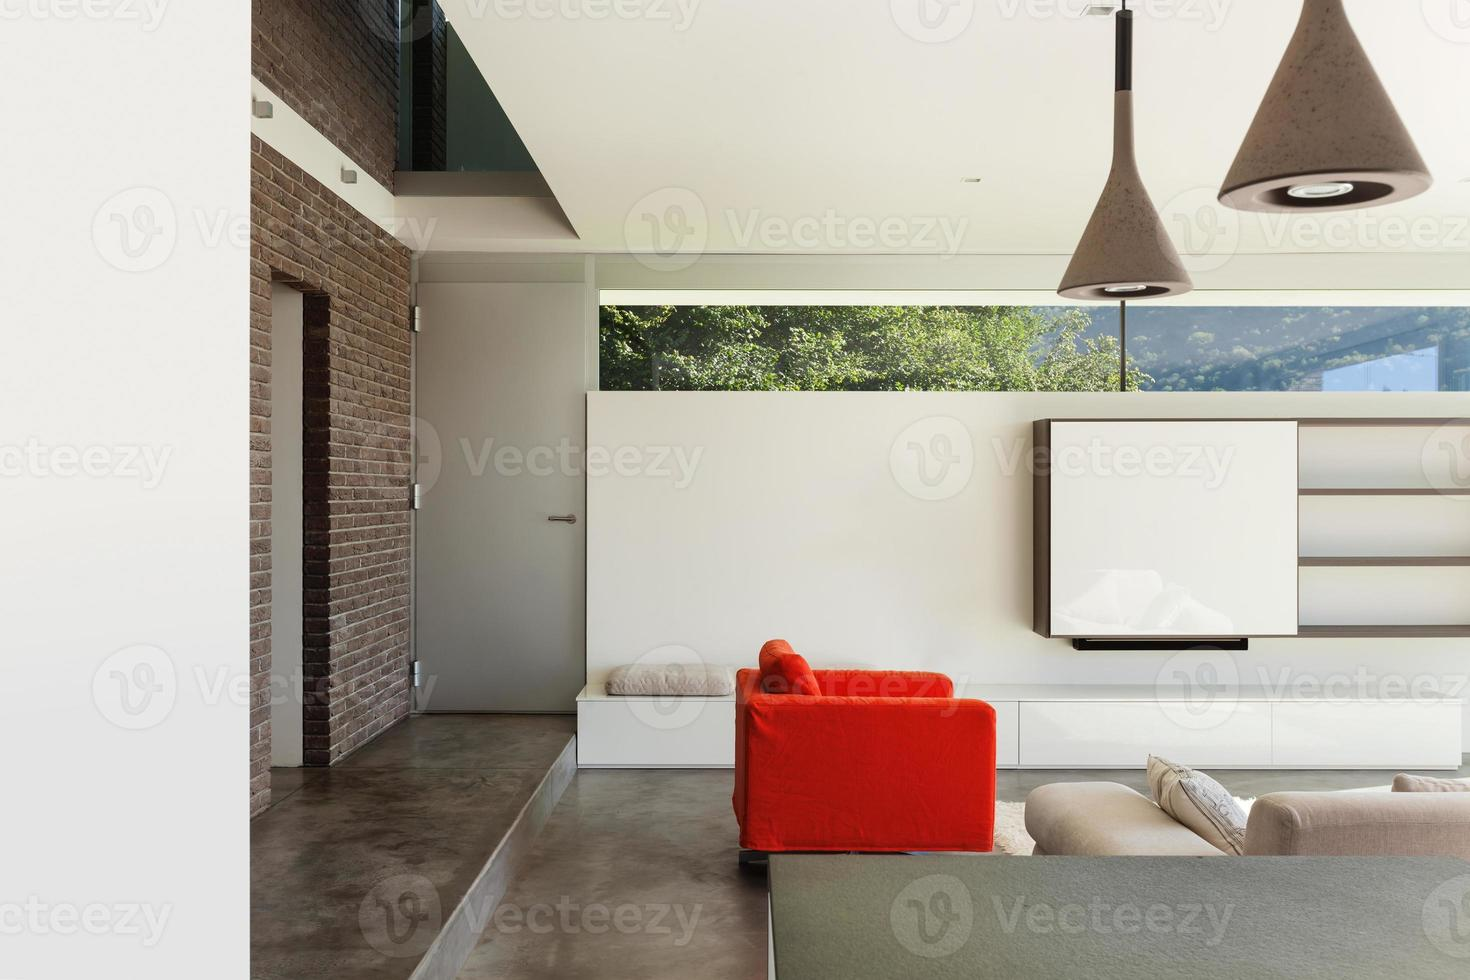 interieur, detail van de woonkamer foto